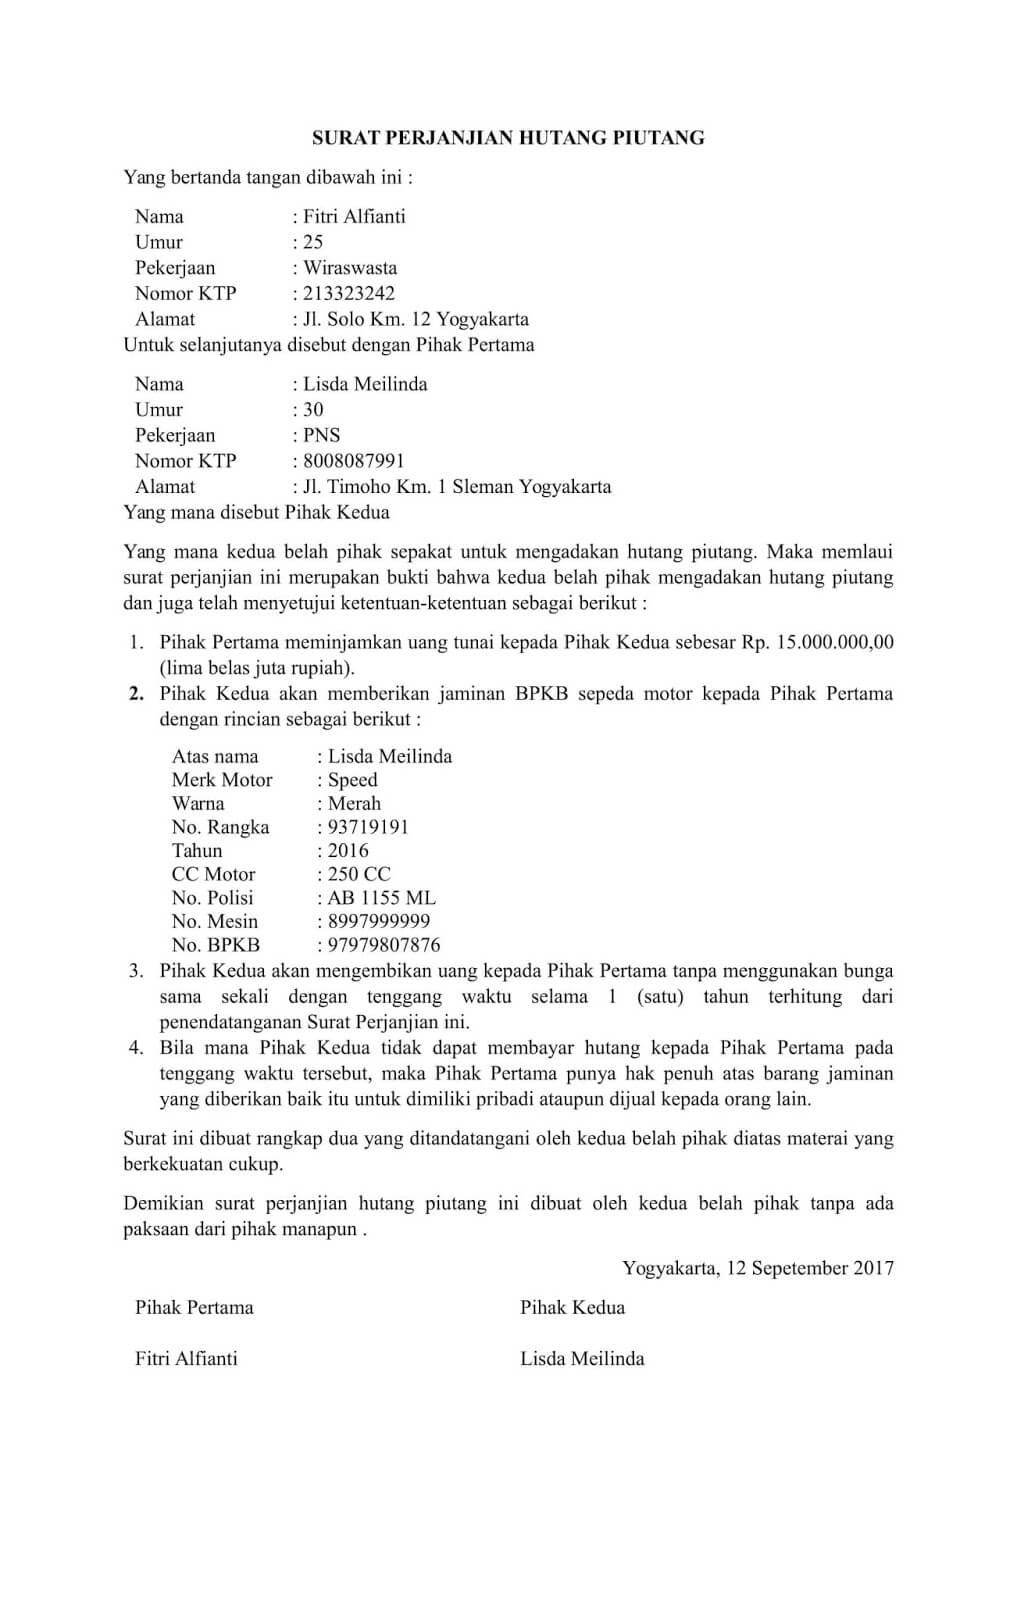 Contoh Surat Perjanjian Hutang Piutang Diatas Materai